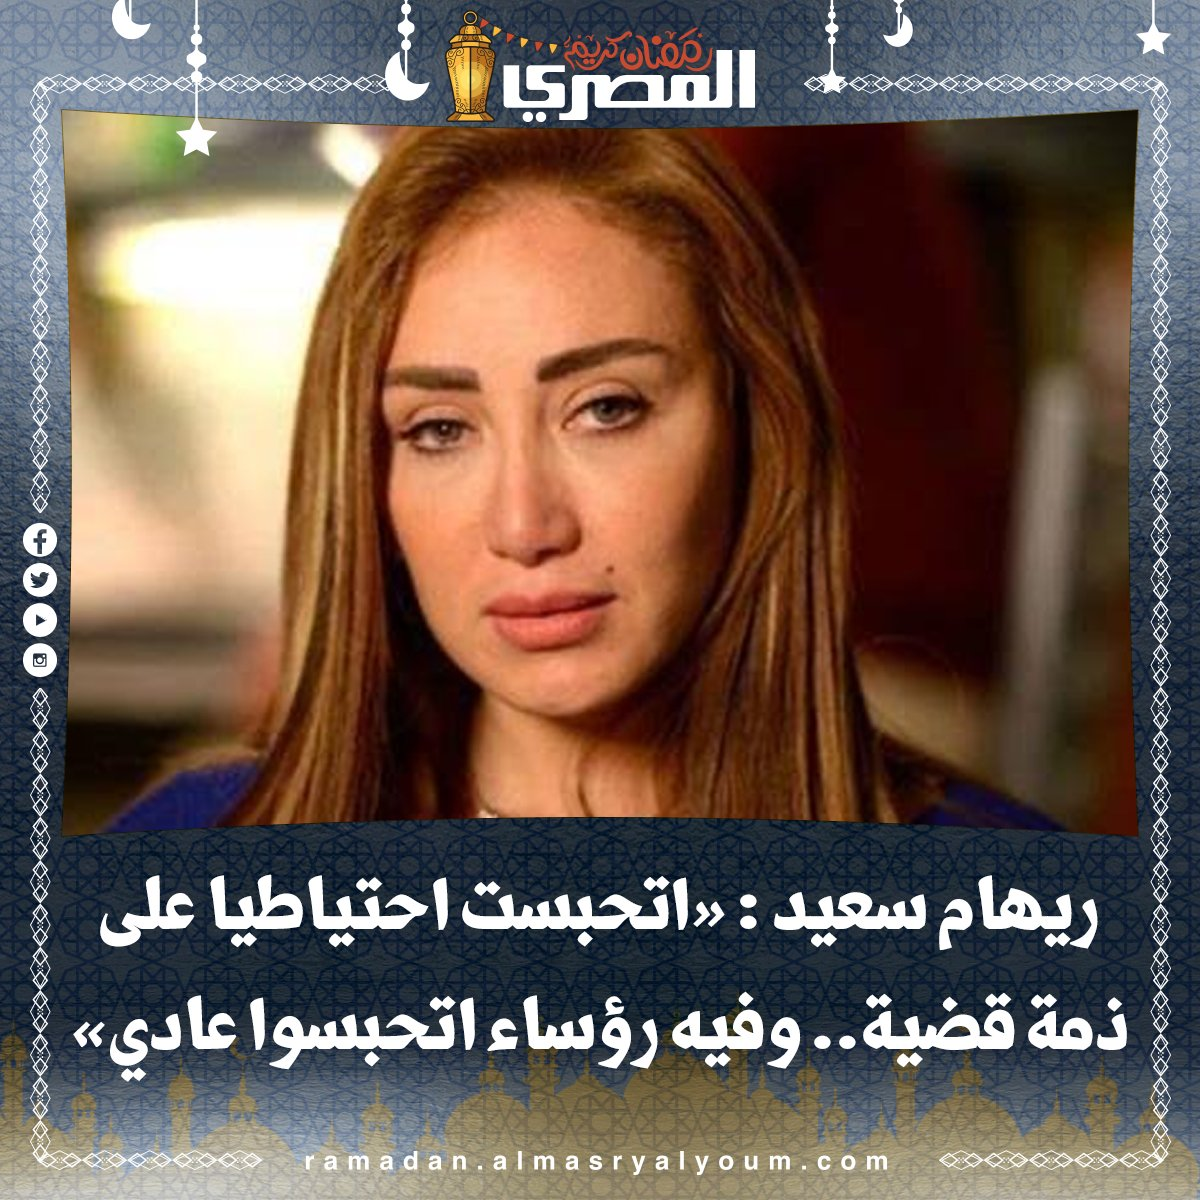 ريهام سعيد «اتحبست احتياطيا على ذمة قضية.. وفيه رؤساء اتحبسوا عادي»